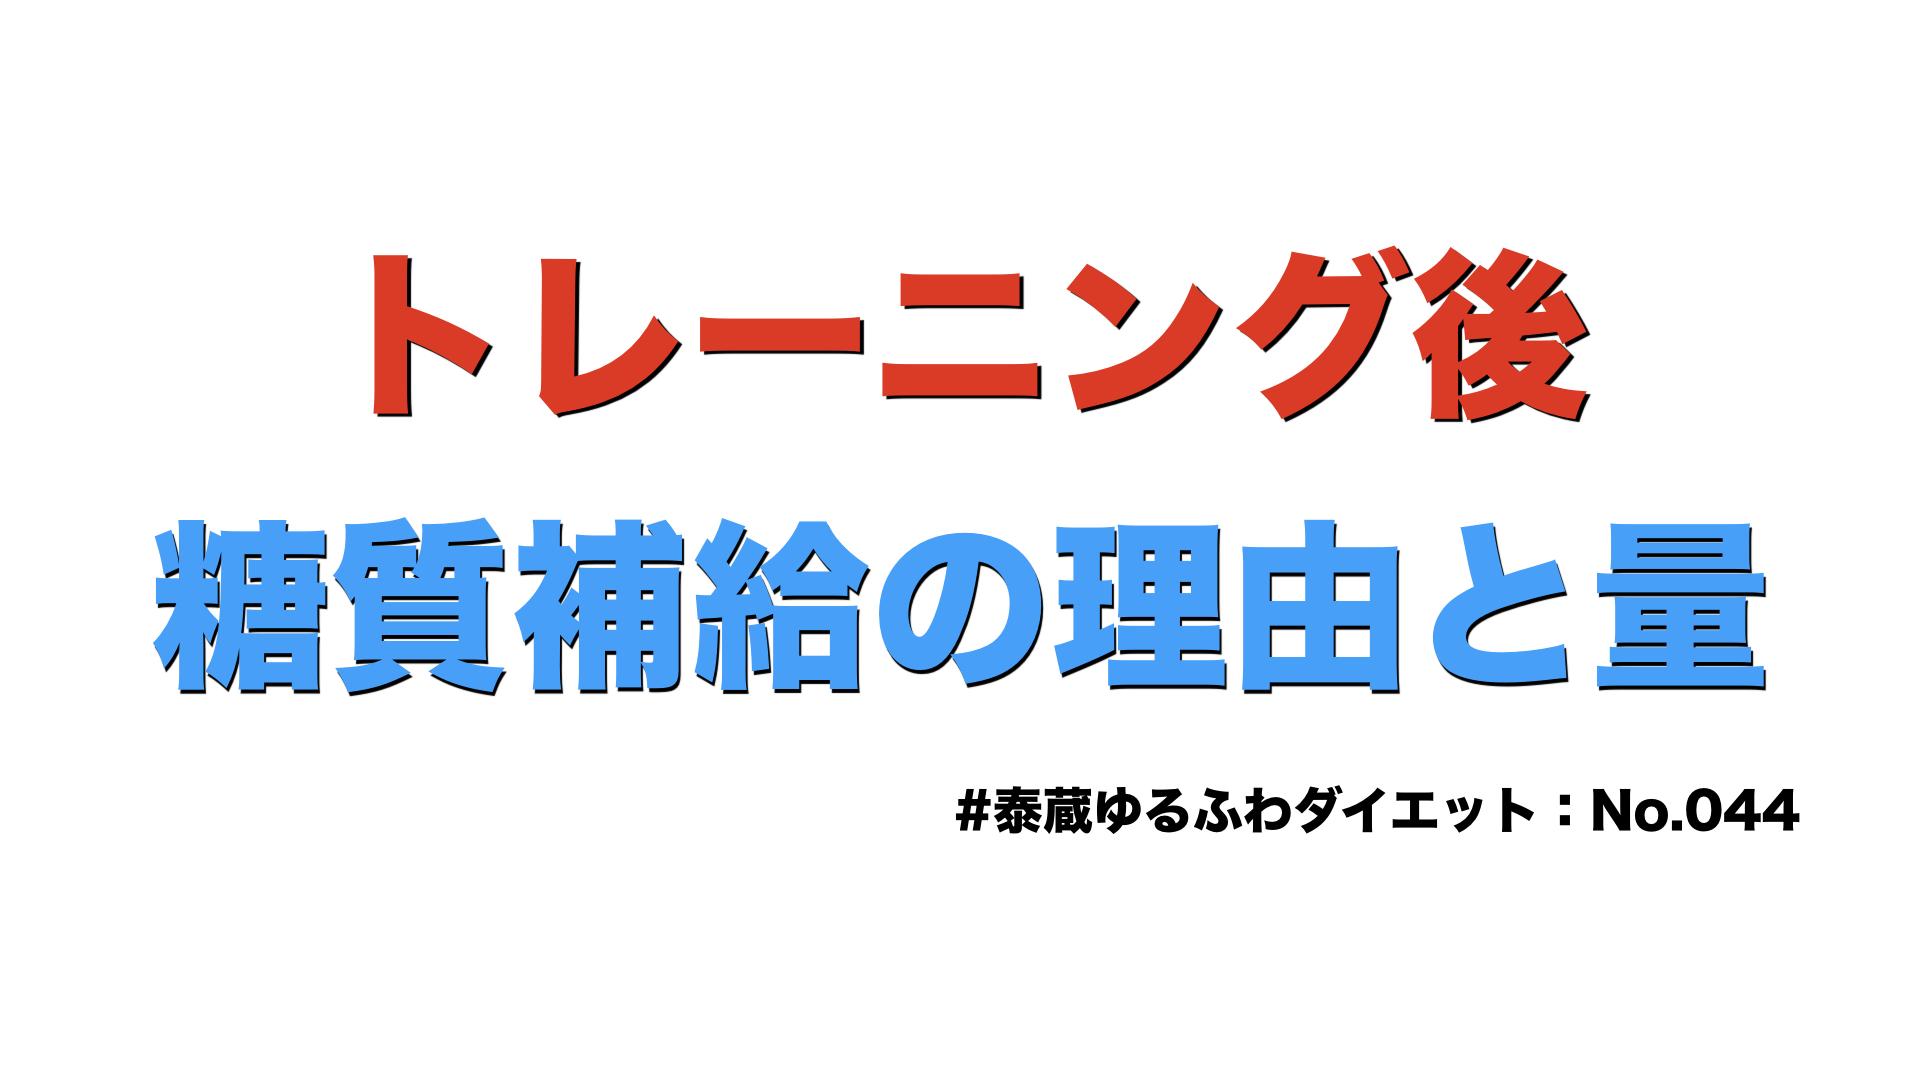 #ゆるふわダイエット044